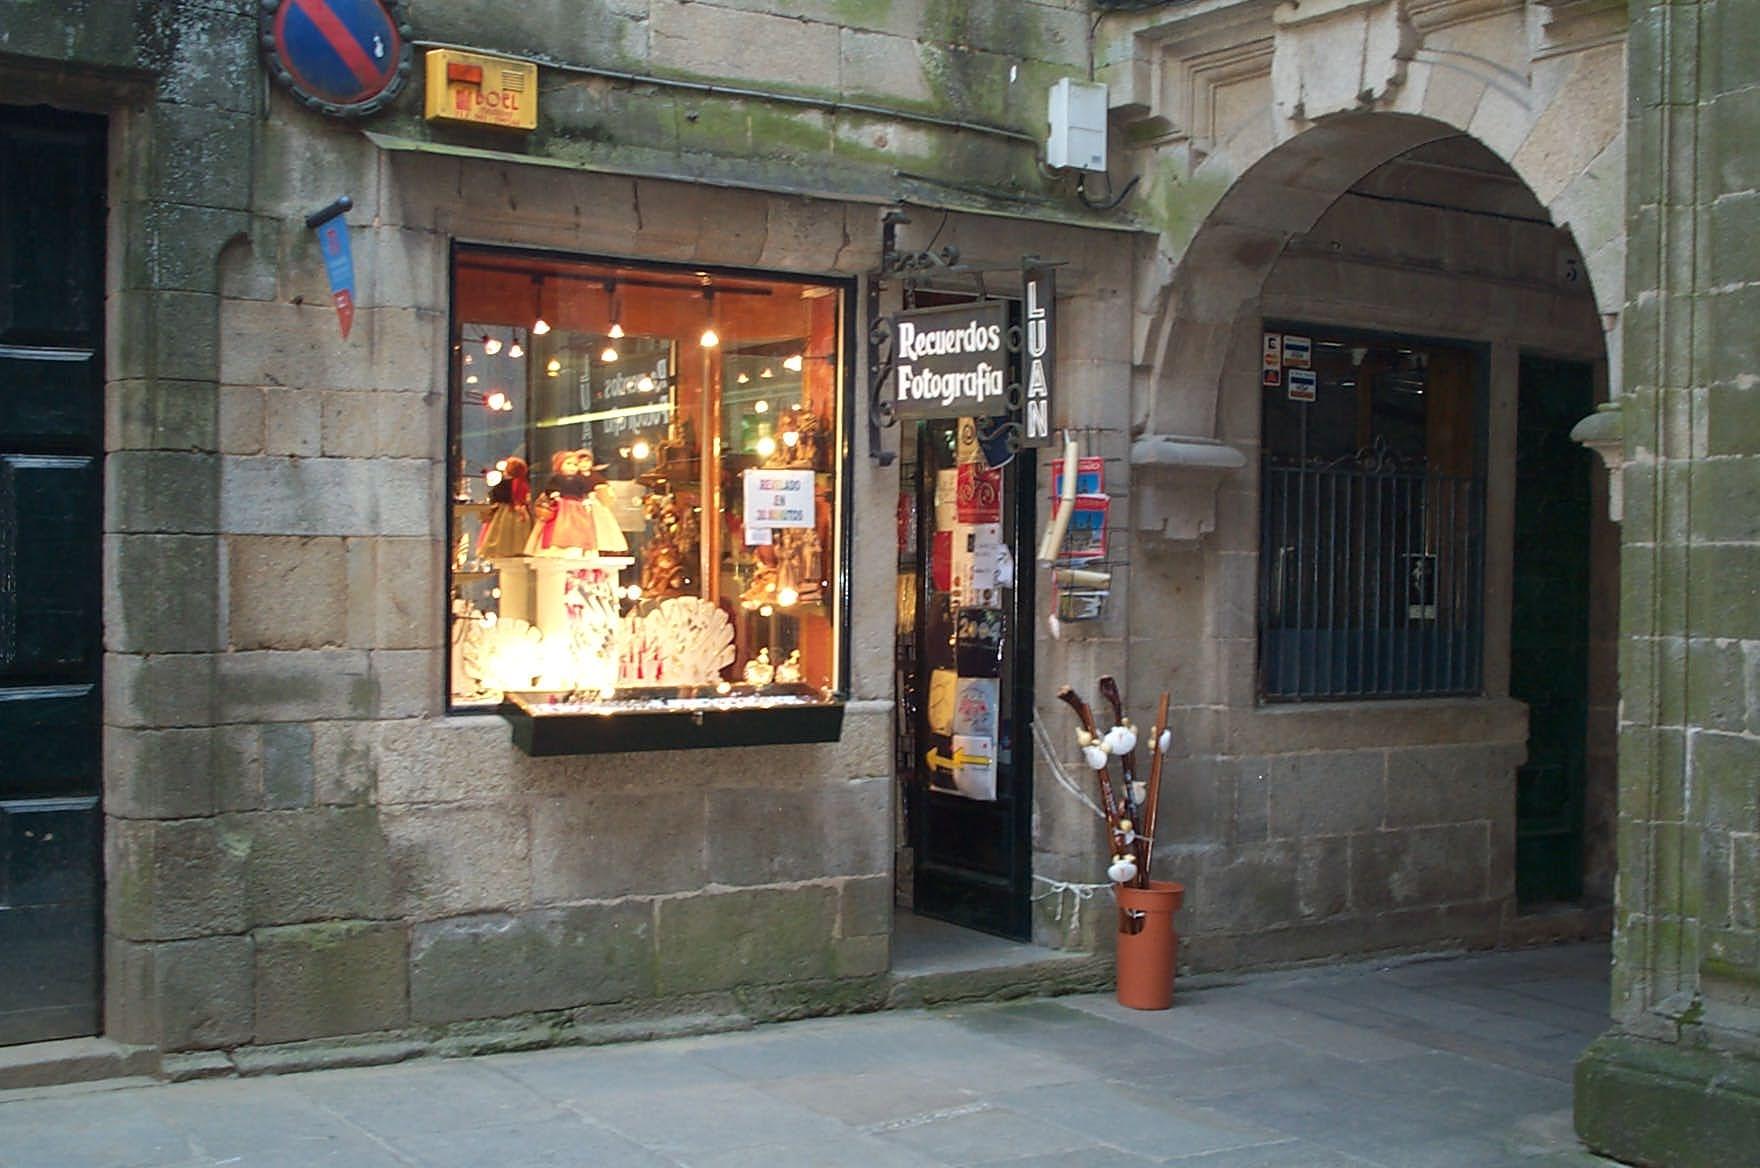 Tienda de souvenirs Santiago de Compostela  Foto de una ...